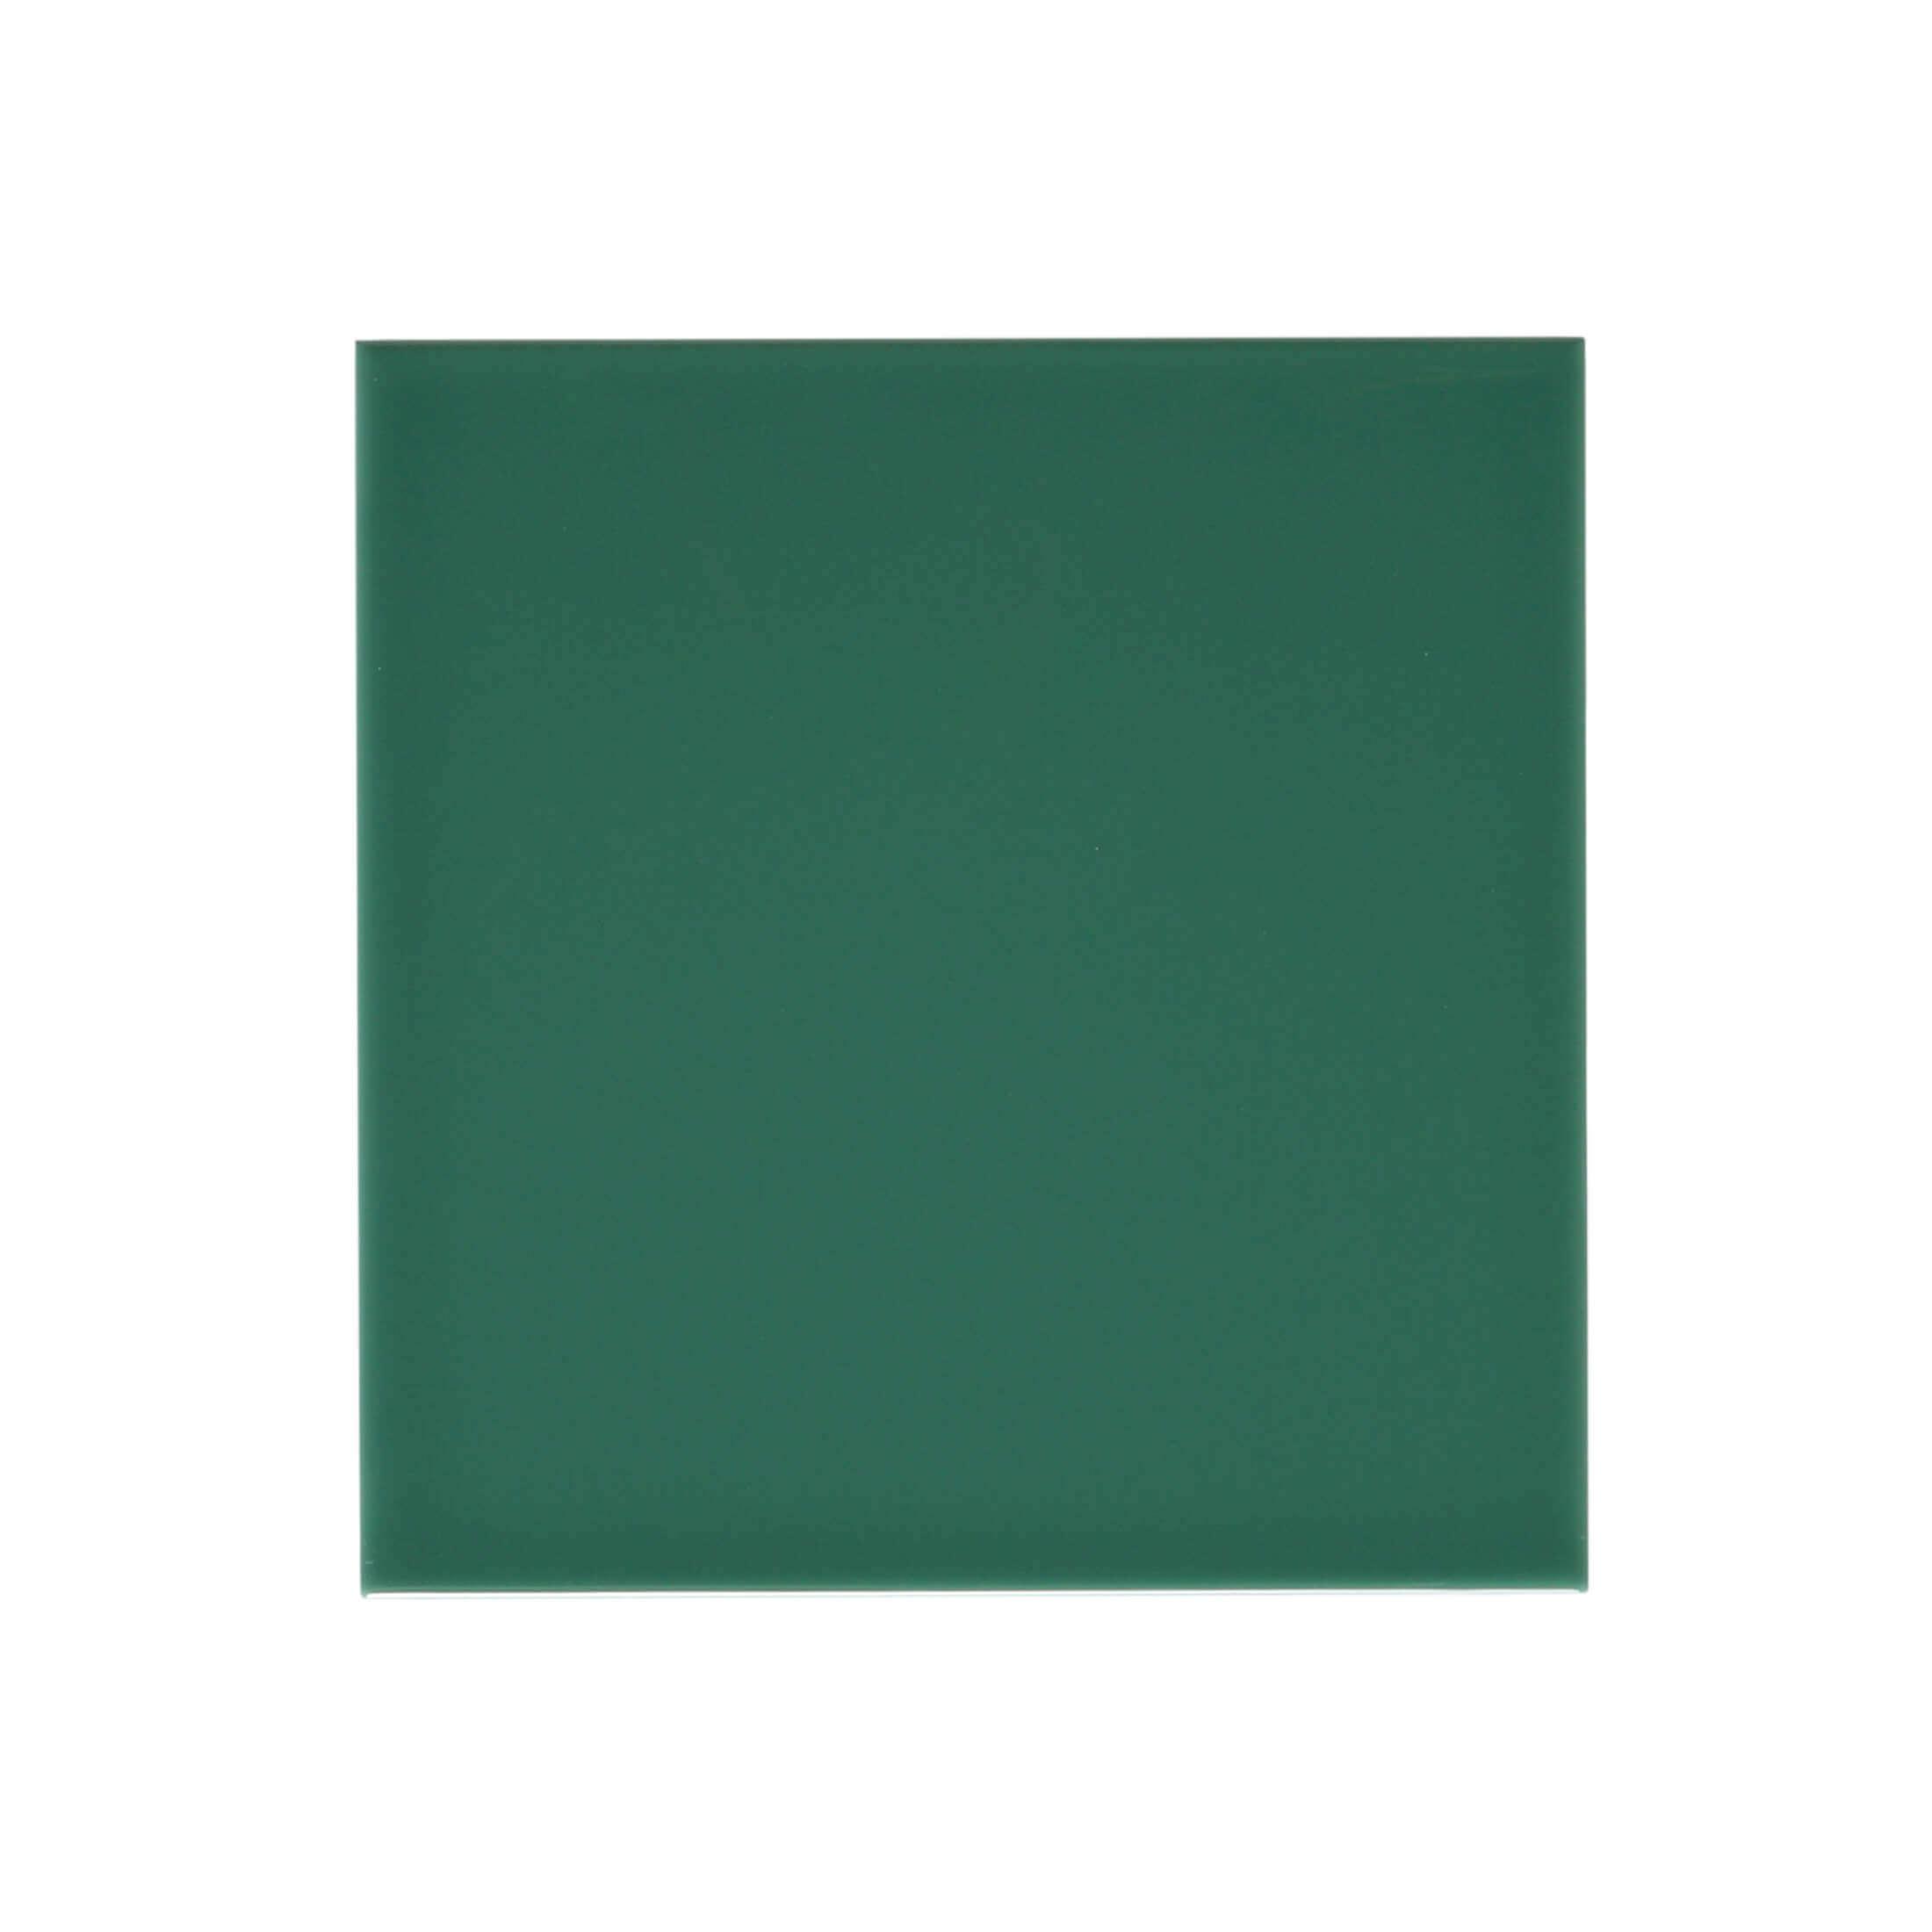 ADRI1026 - 20 cm X 20 cm